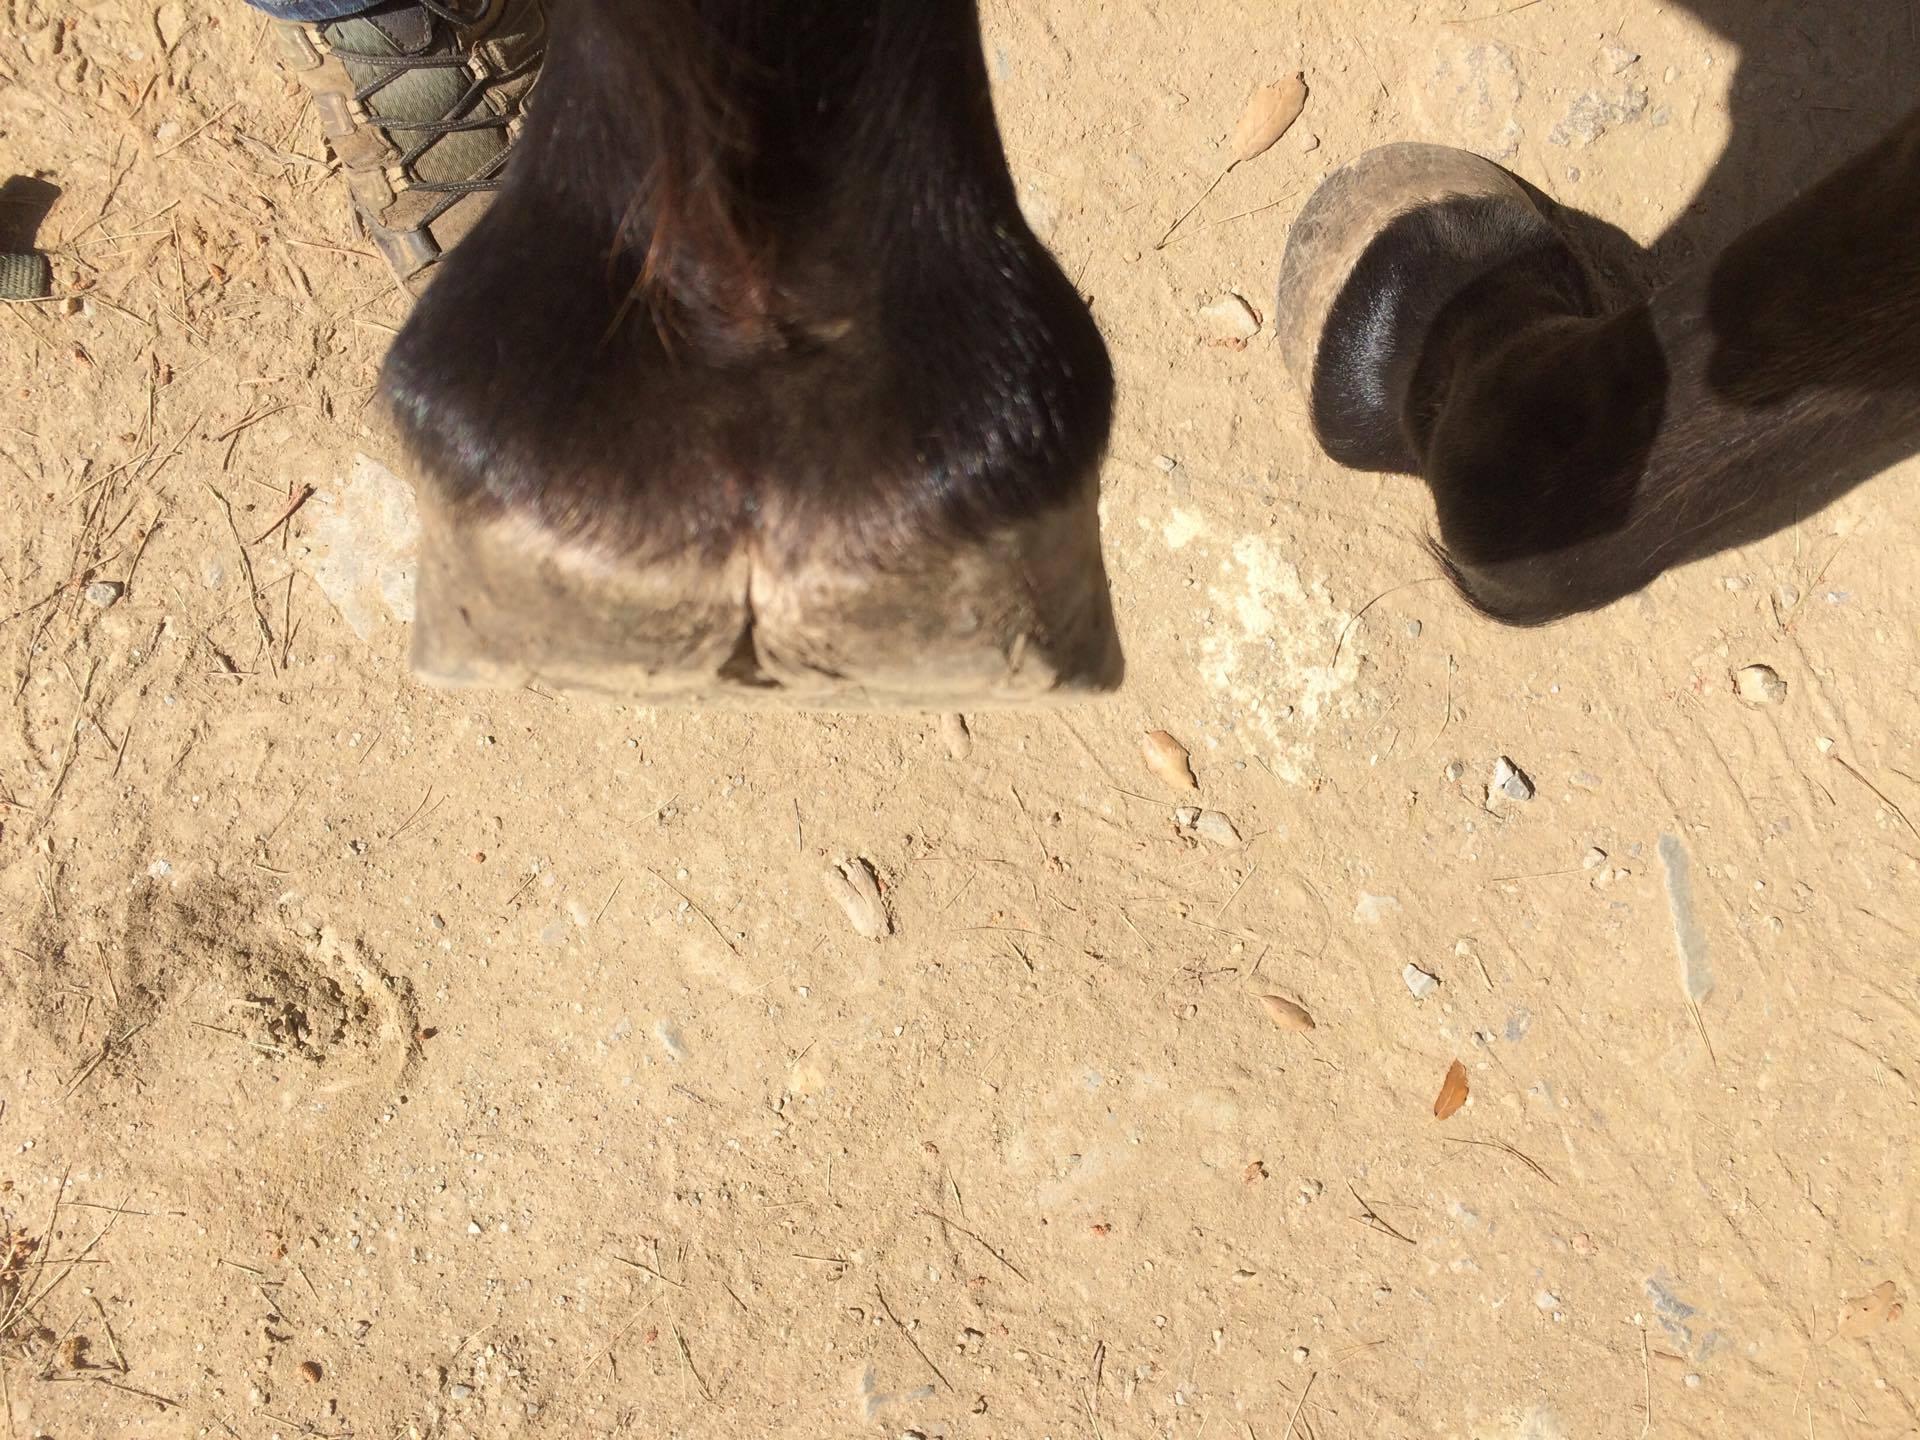 besoin d'avis sur les pieds de mon cheval - Page 2 513557mariekennel2